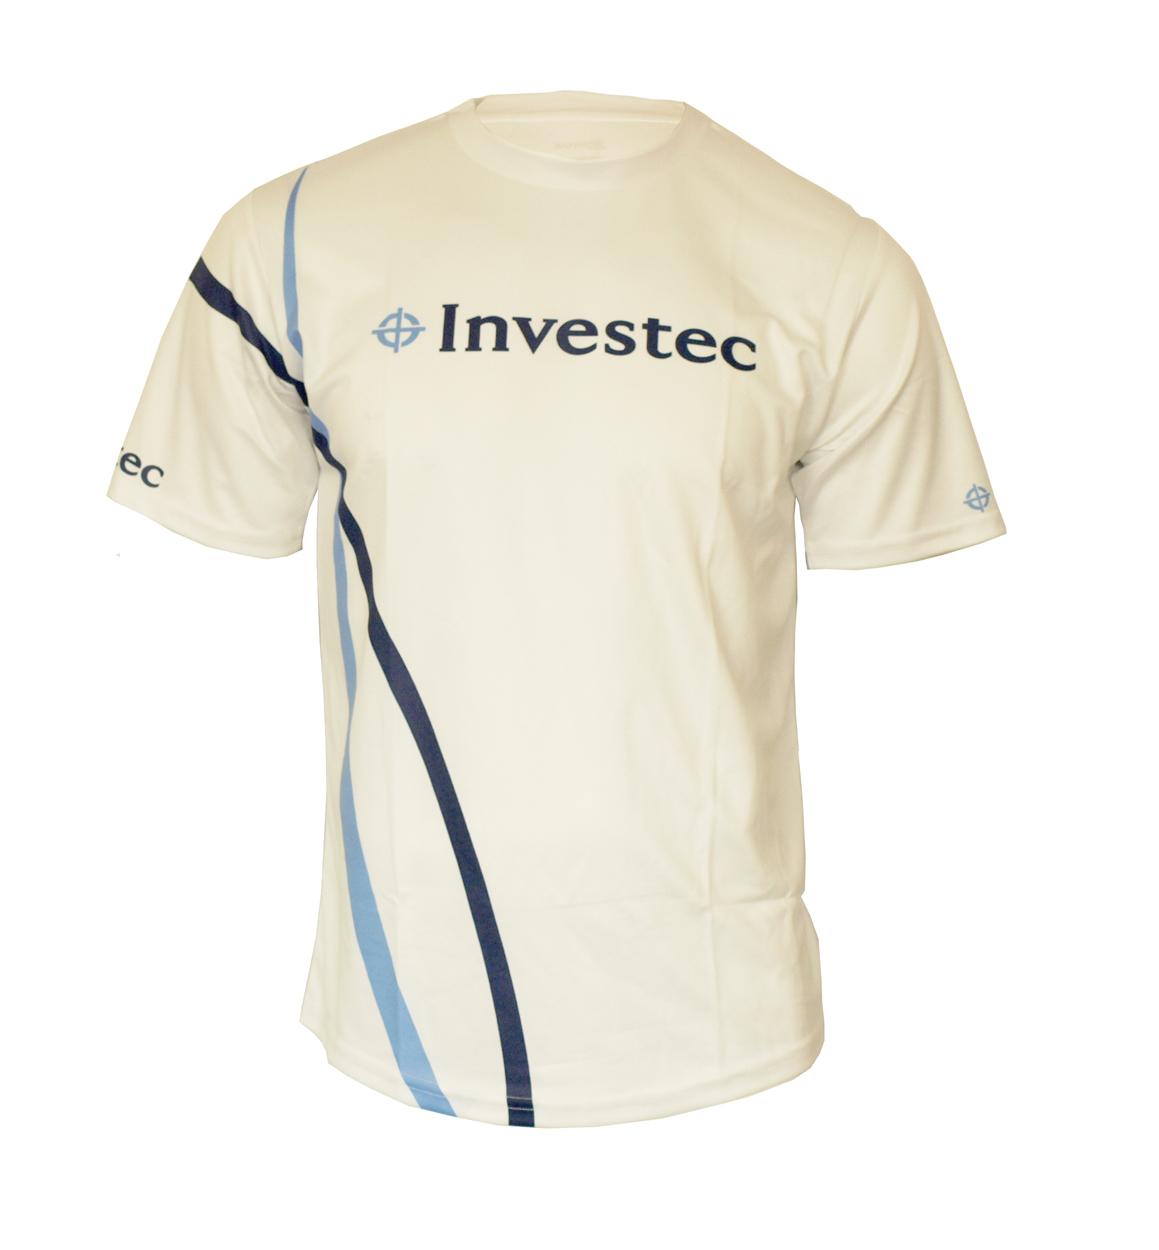 5b3791b27 Corporate T Shirts Printing Dubai - Tshirts Printing Dubai